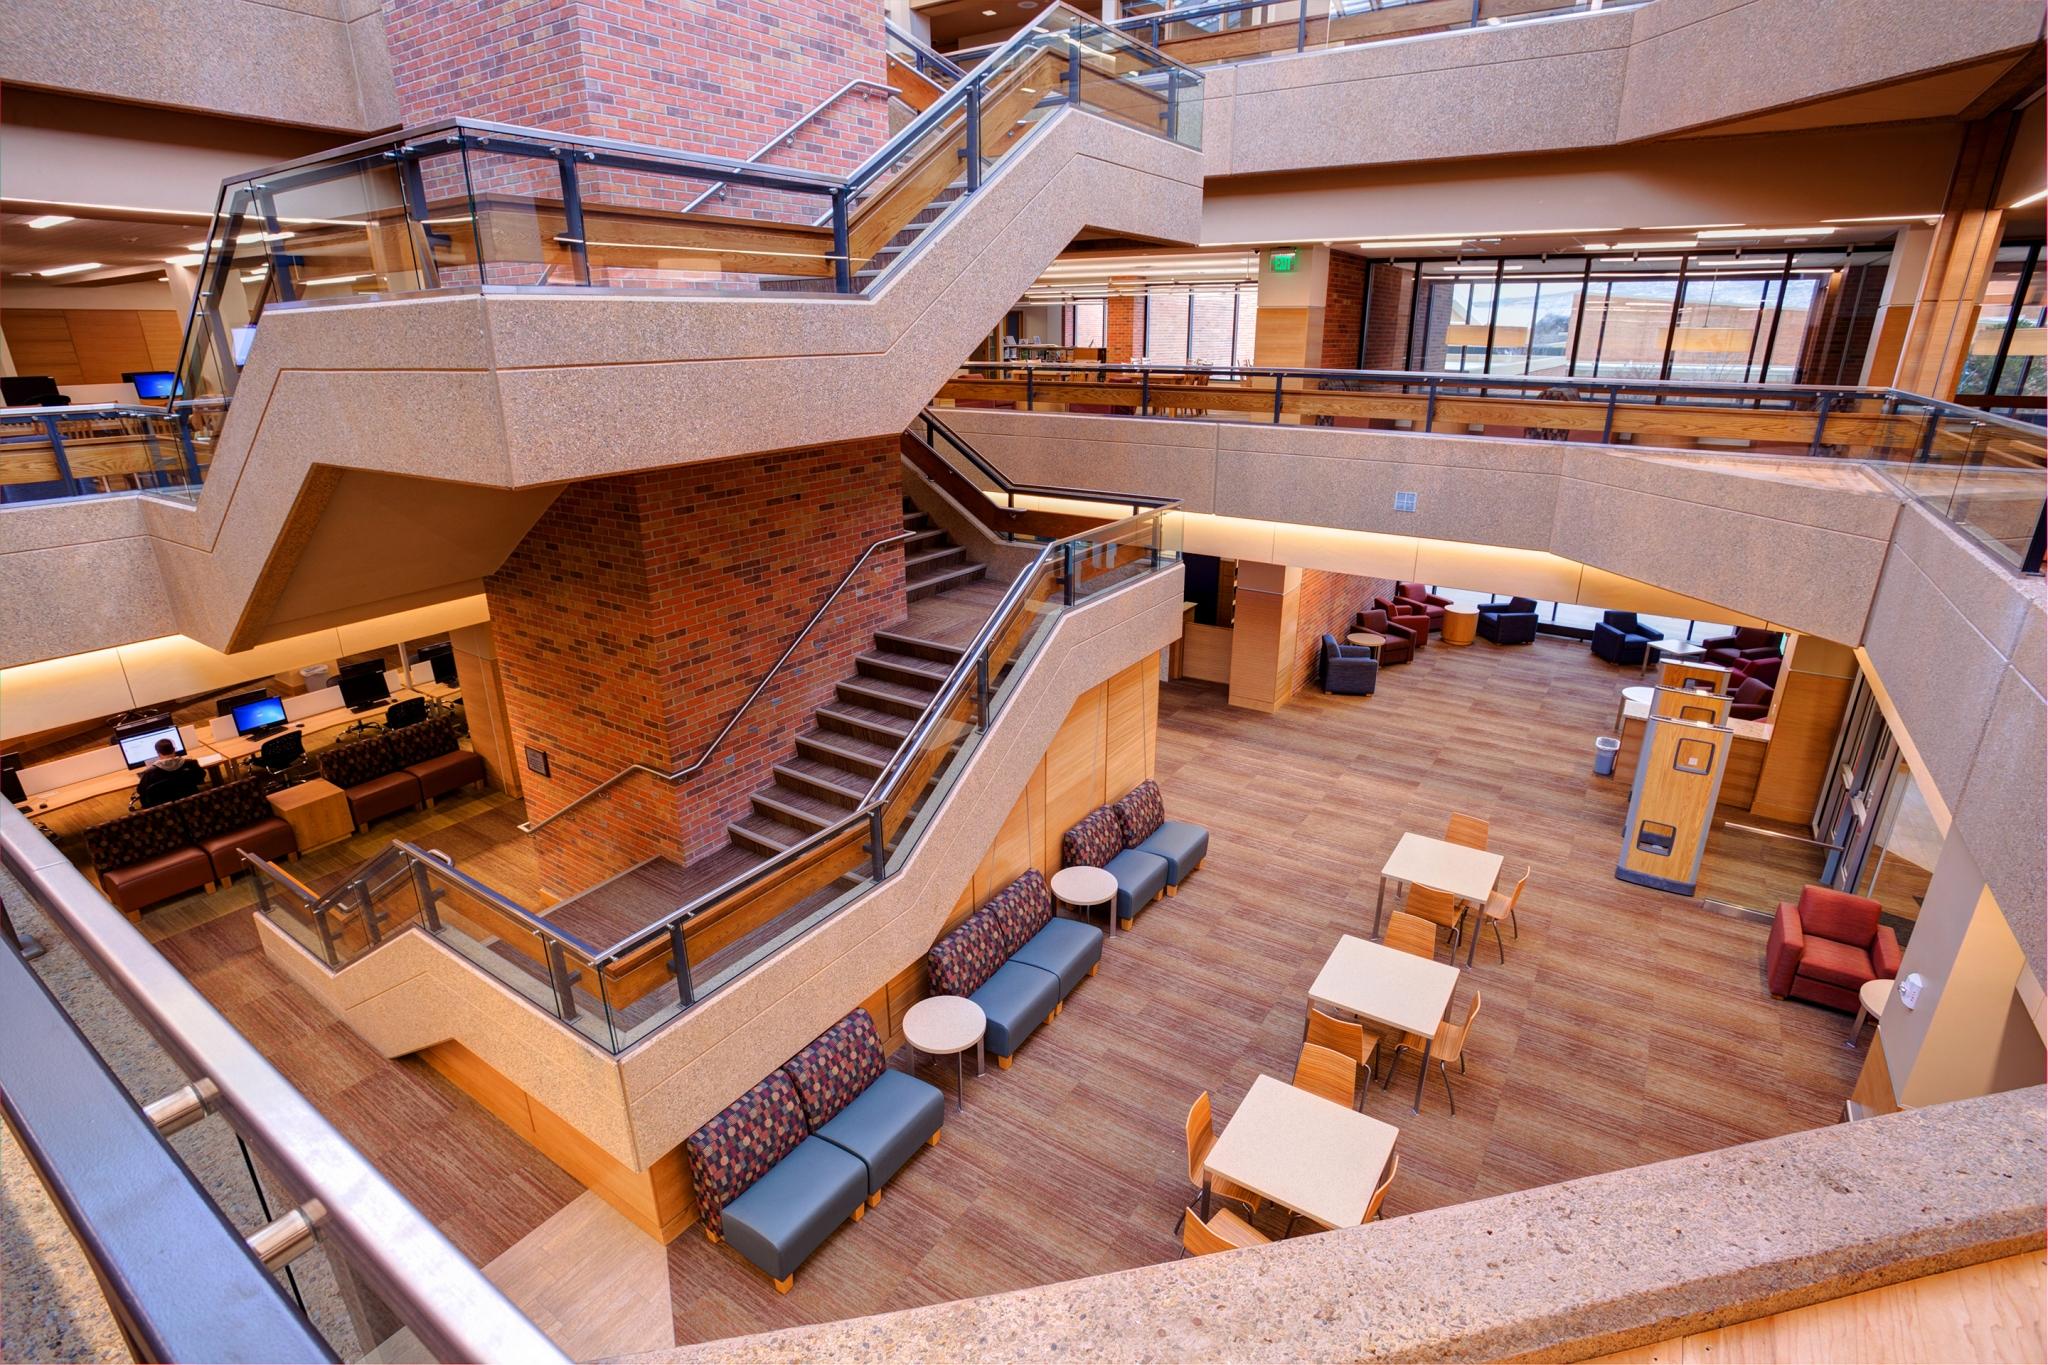 Colorado Mesa University Tomlinson Library Addition  Renovation  FCI Constructors